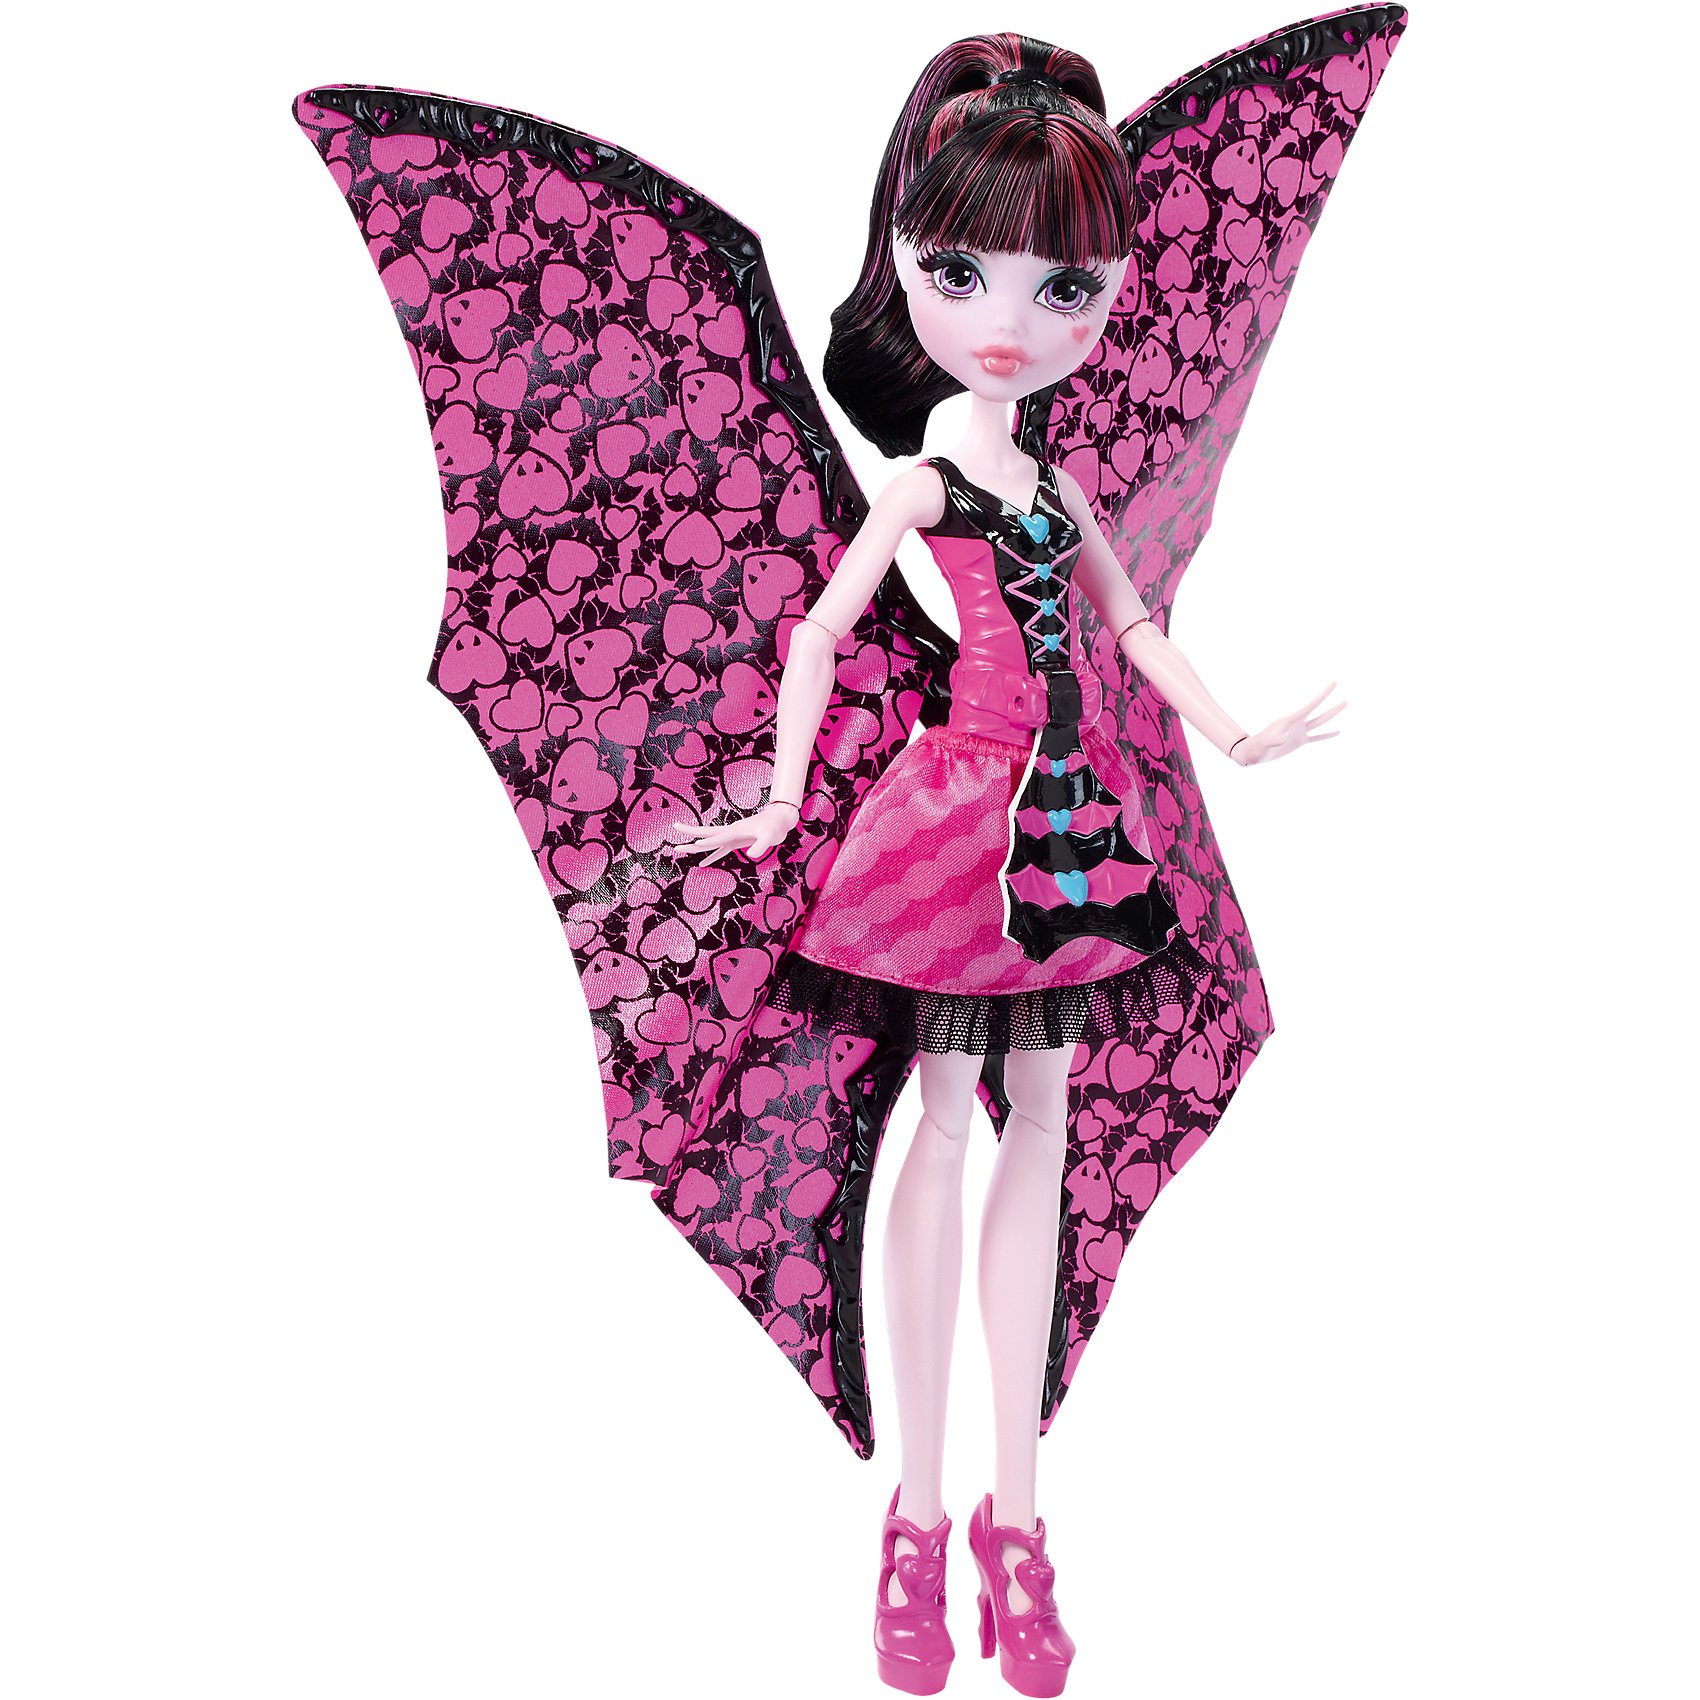 Дракулаура в трансформирующемся наряде, Monster HighMonster High<br>Дракулаура в трансформирующемся наряде, Monster High, Mattel (Маттел) ? кукла, выполненная в образе одной из главных героинь знаменитого фильма Школы моннстров. Кукла выполнена из экологичного и безопасного пластика, волосы изготовлены из нейлона. Дракулаура ? шарнирная кукла, поэтому ей можно придать абсолютно любую позу<br>Дракулаура на этот раз предстает в наряде, который позволяет ей быстро и легко превращаться в летучую мышь. Для этого достаточно потянуть на рычажок, который расположен на корсете ее наряда и пышная верхняя юбка превратится в крылья. Наряд Дракулауры выполнен в ее самом любимом цвете ? розовом, на ногах ? розовые туфельки.<br>Дракулаура в трансформирующемся наряде, Monster High, Mattel (Маттел) ? идеальный подарок для поклонников данной серии.<br>Обратите внимание, что самостоятельно кукла стоять не может, для этого ей требуется подставка (в комплект не входит).<br><br>Дополнительная информация:<br><br>- Вид игр: сюжетно-ролевые <br>- Предназначение: для дома<br>- Серия: Monster High<br>- Материал: пластик, текстиль<br>- Размер (Д*Ш*В): 7*33*21 см<br>- Вес: 260 г <br><br>Подробнее:<br><br>• Для детей в возрасте: от 6 лет и до 12 лет<br>• Страна производитель: Китай<br>• Торговый бренд: Mattel<br><br>Дракулауру в трансформирующемся наряде, Monster High, Mattel (Маттел) можно купить в нашем интернет-магазине.<br><br>Ширина мм: 324<br>Глубина мм: 215<br>Высота мм: 67<br>Вес г: 226<br>Возраст от месяцев: 72<br>Возраст до месяцев: 120<br>Пол: Женский<br>Возраст: Детский<br>SKU: 4765349